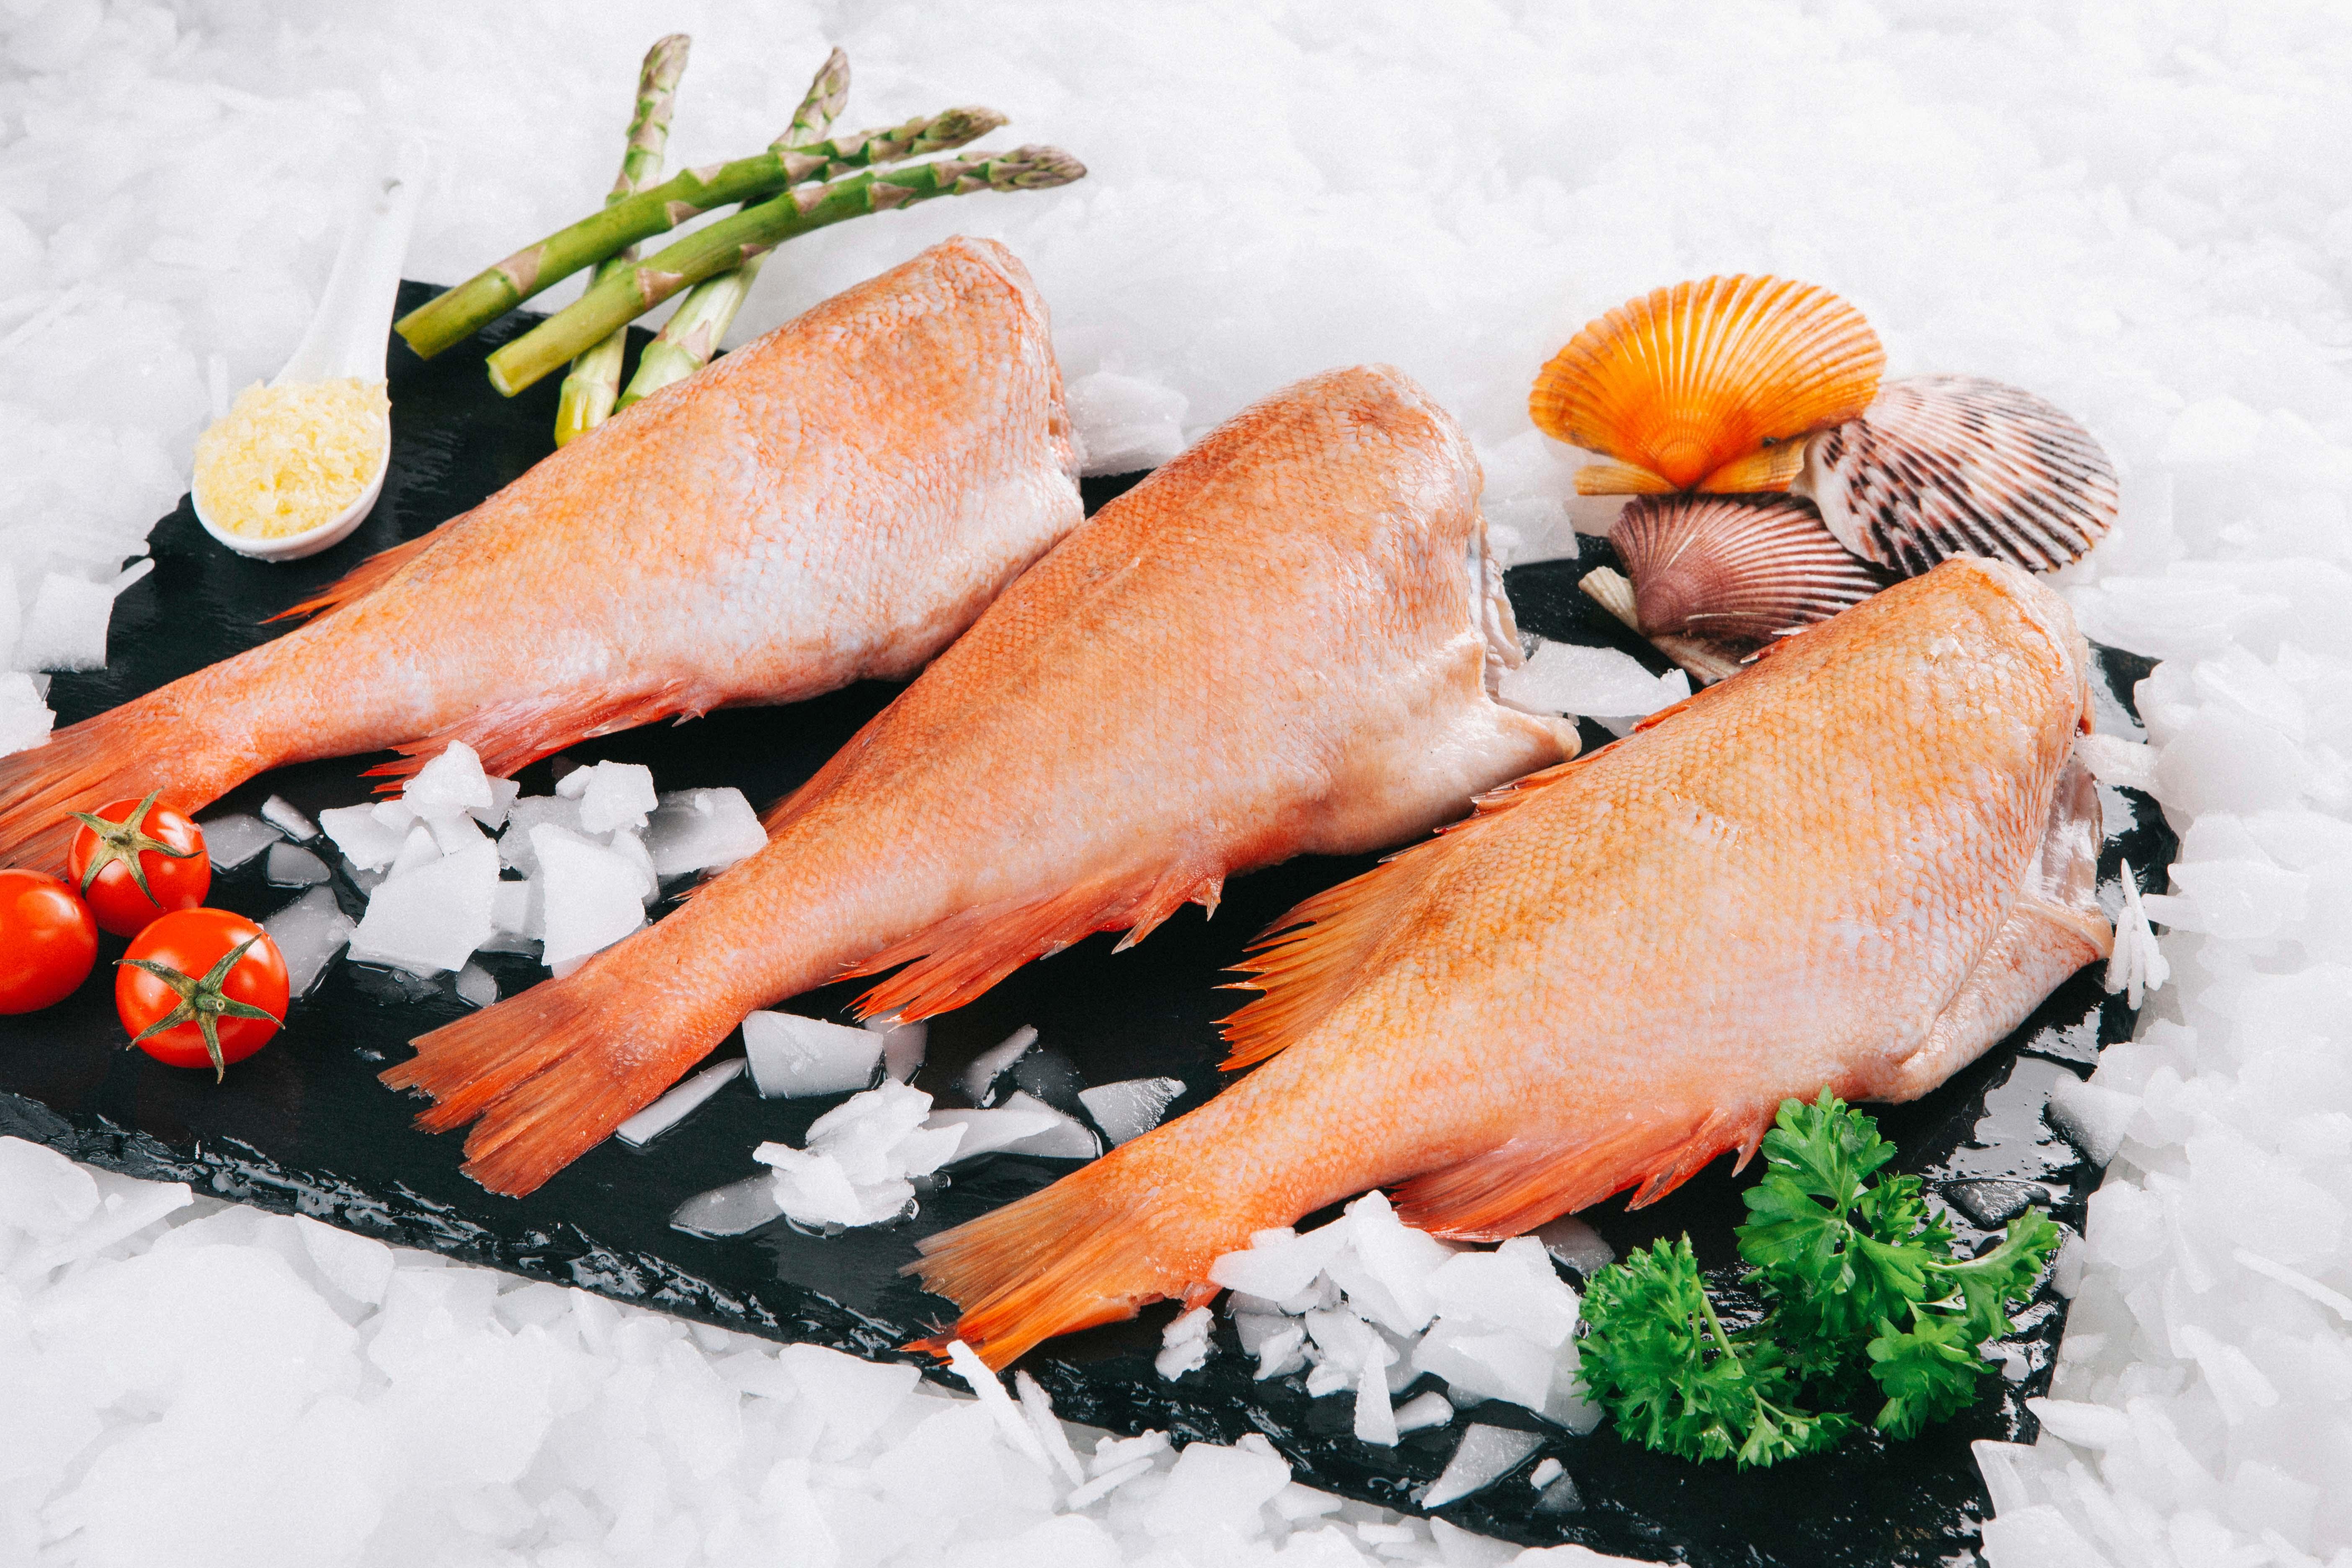 Supper Fish Ψάρια Κοκκινόψαρο Ακέφαλο _-2